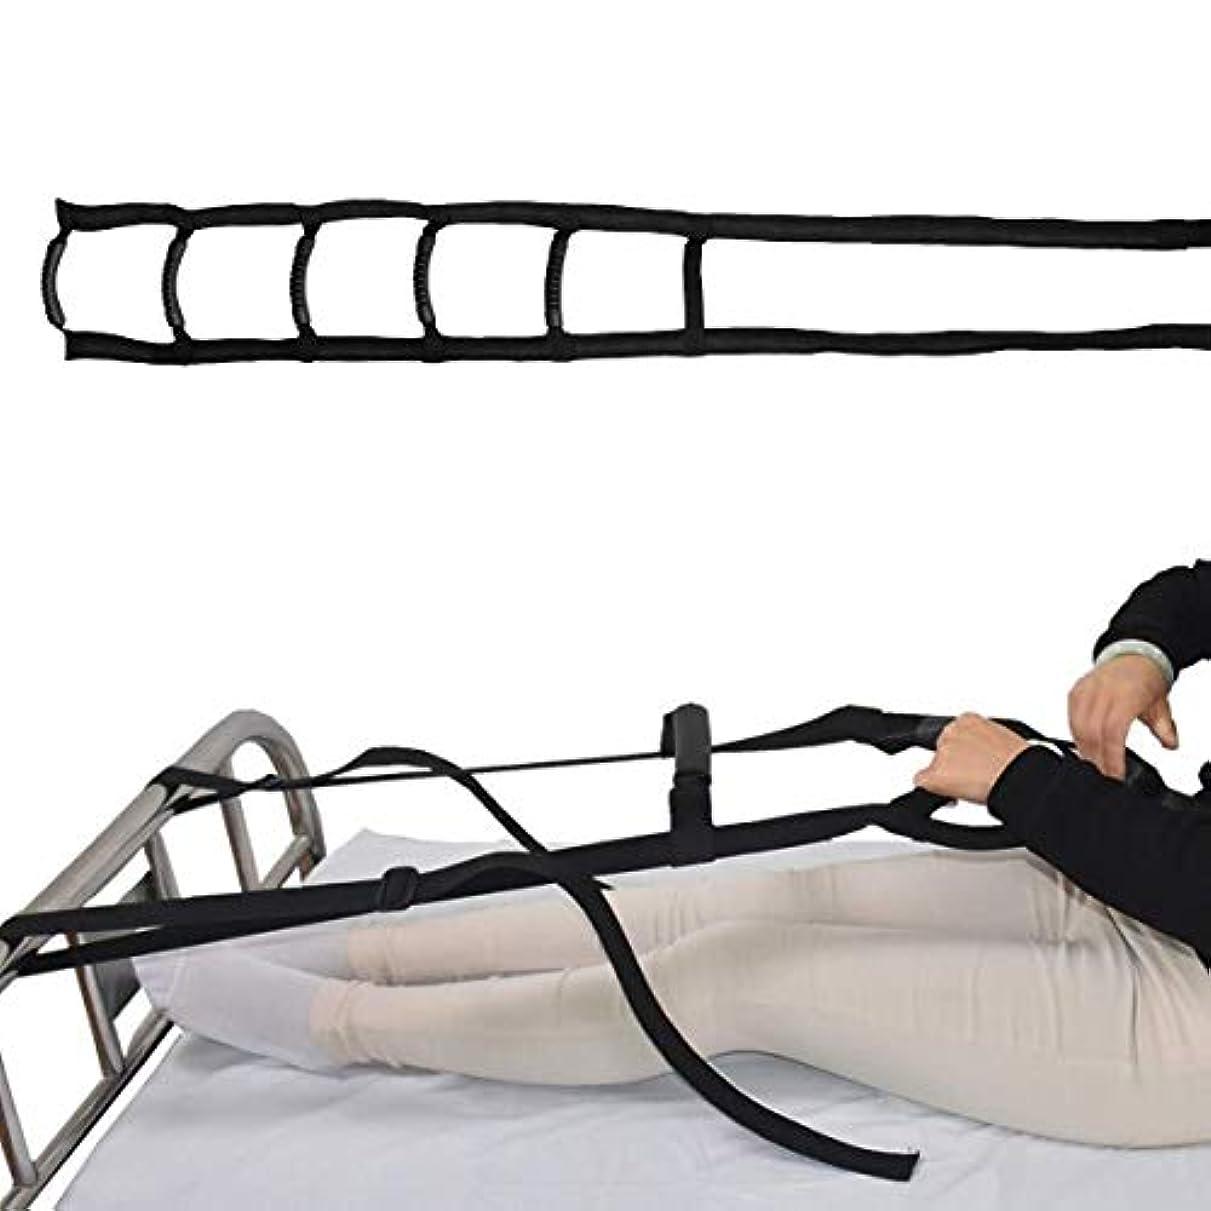 雄弁マイルド肺炎ベッド安全ラダーアシスタントストラップ、ベッドサポートアシストロープのパッド入りシットアップ、高齢者/シニア/ハンディキャップ/負傷回復患者座位ヘルパー